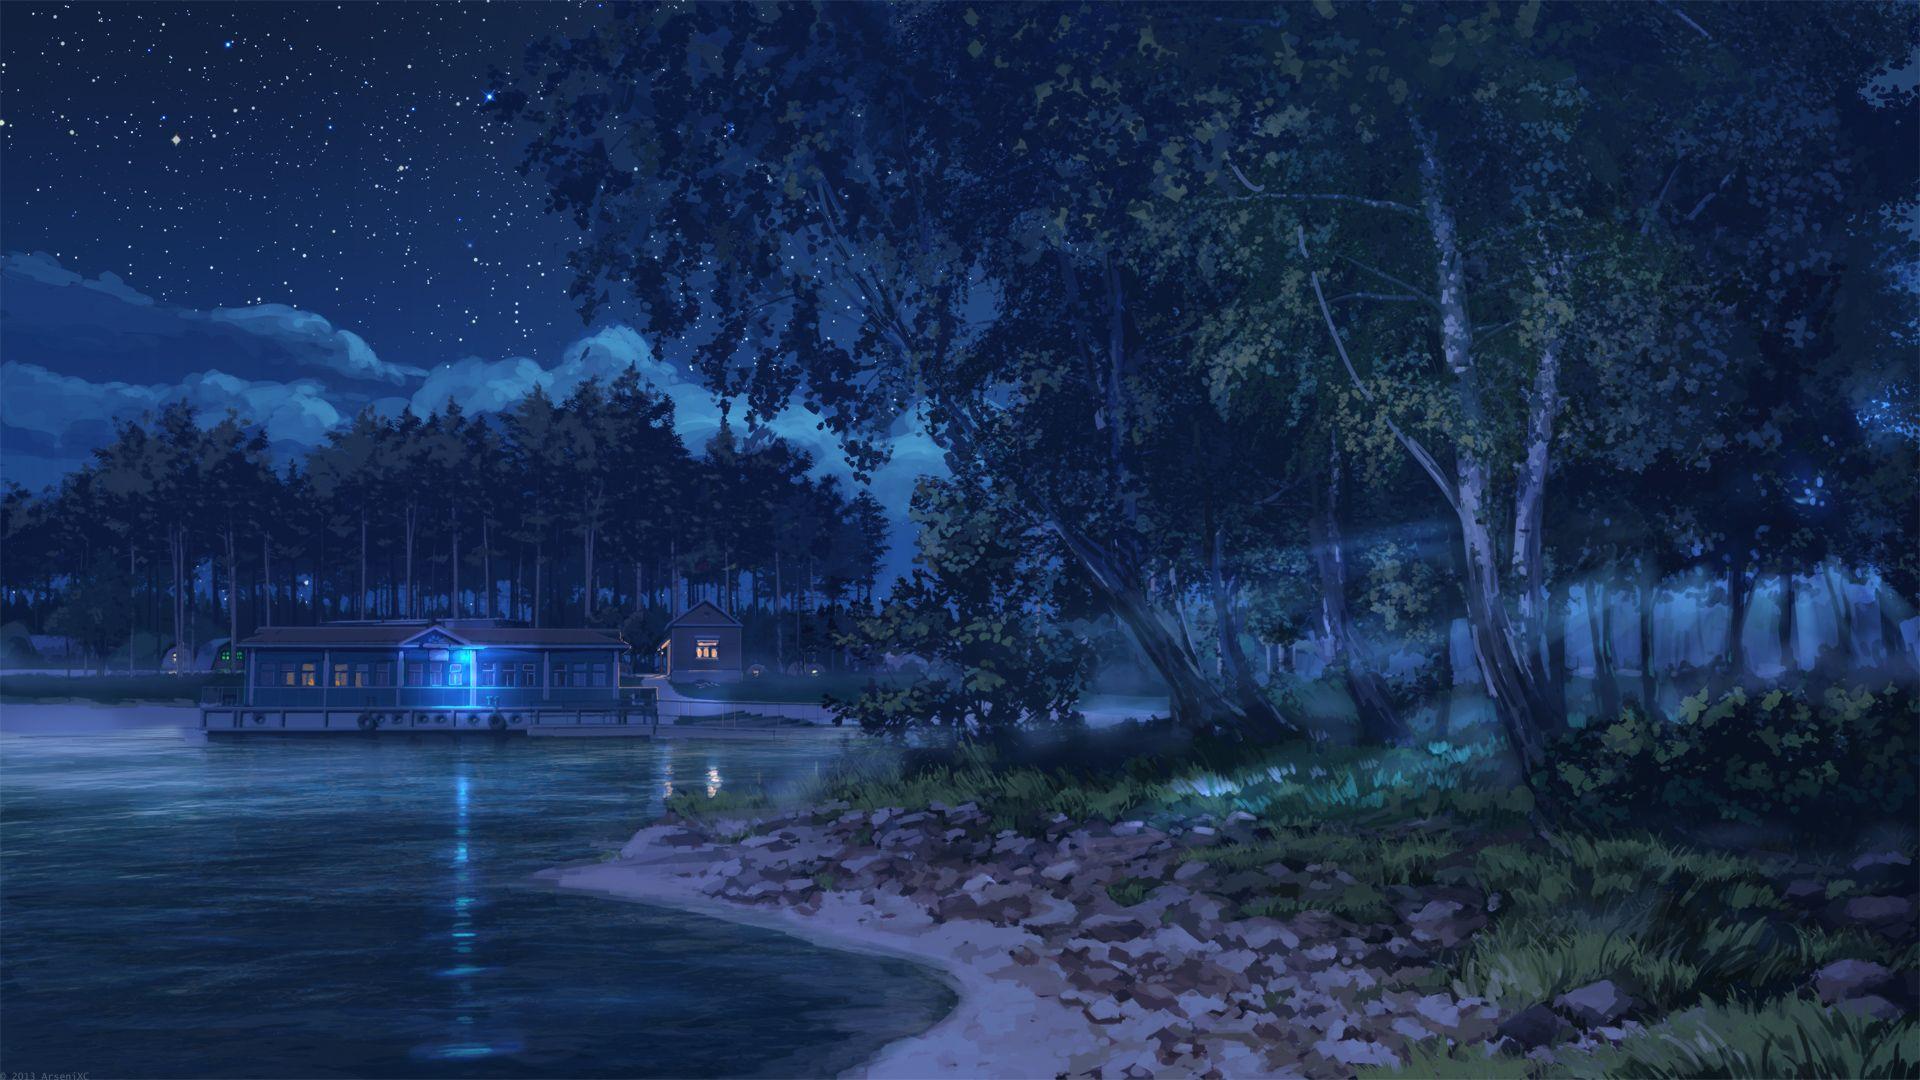 Sweet Night Anime Scenery Hd